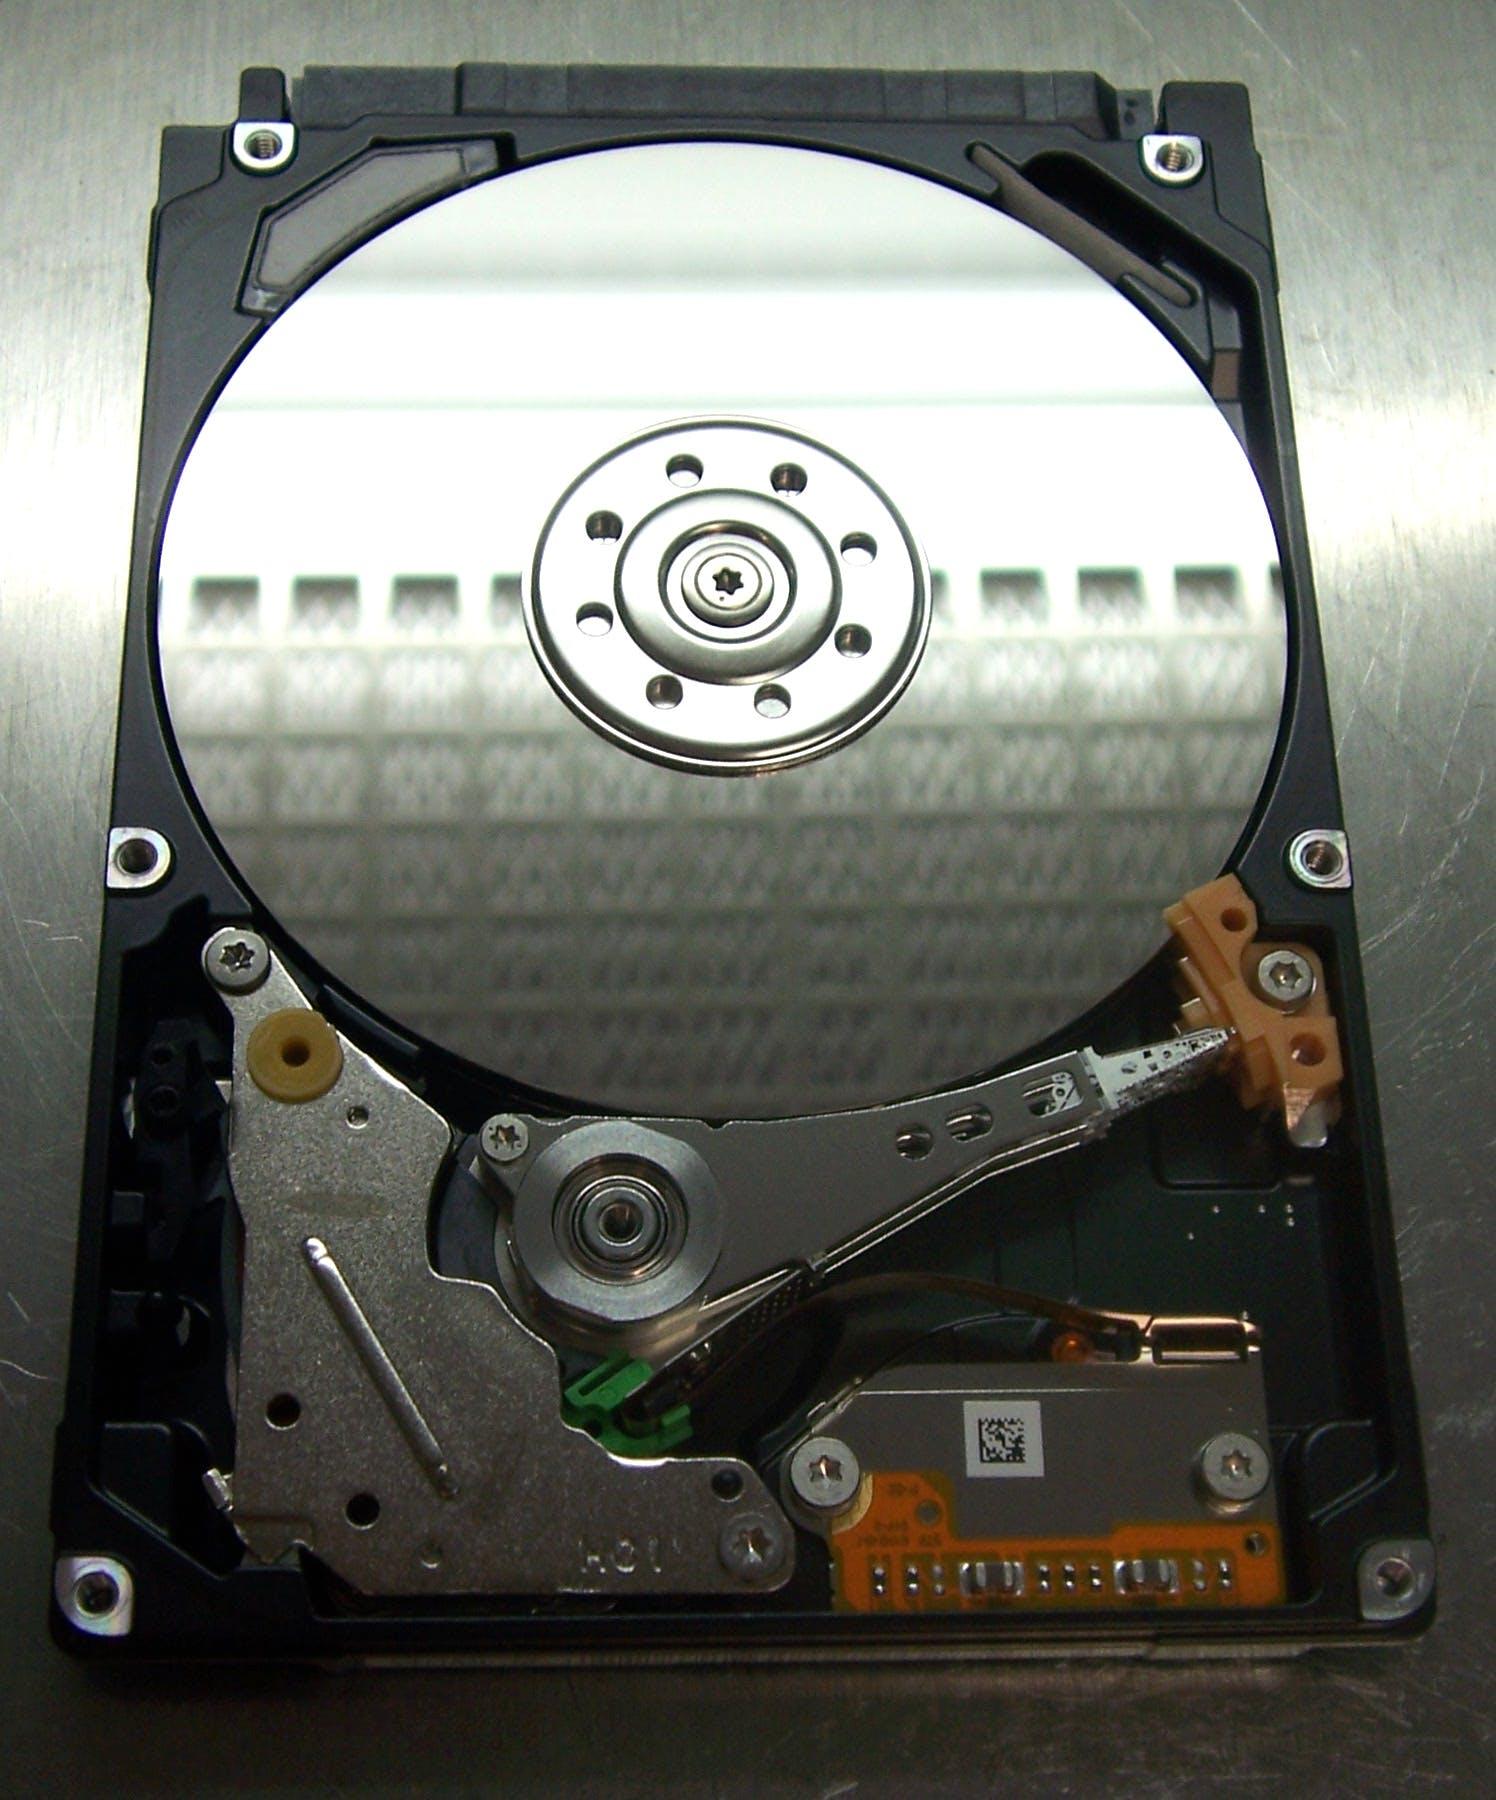 Dysk Toshiba, otwarty w komorze laminarnej. W powierzchni talerza odbija się filtr HEPA.